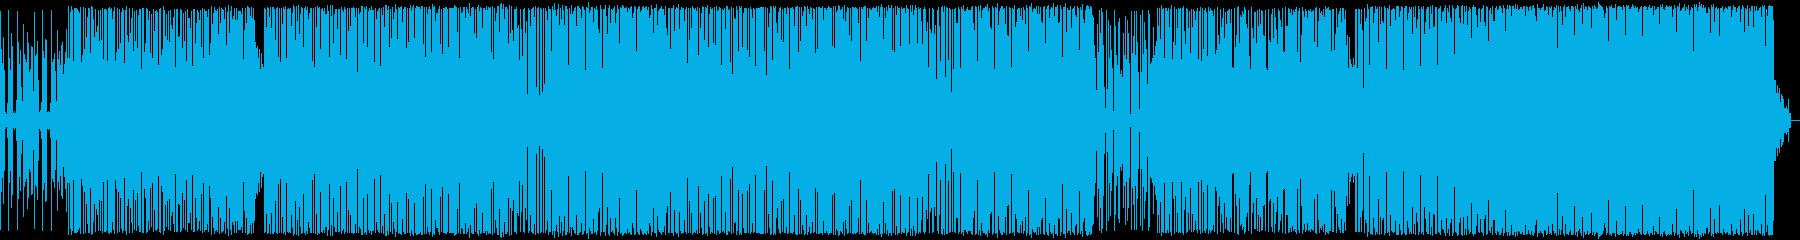 レゲエとブレイクビーツをミックスの再生済みの波形